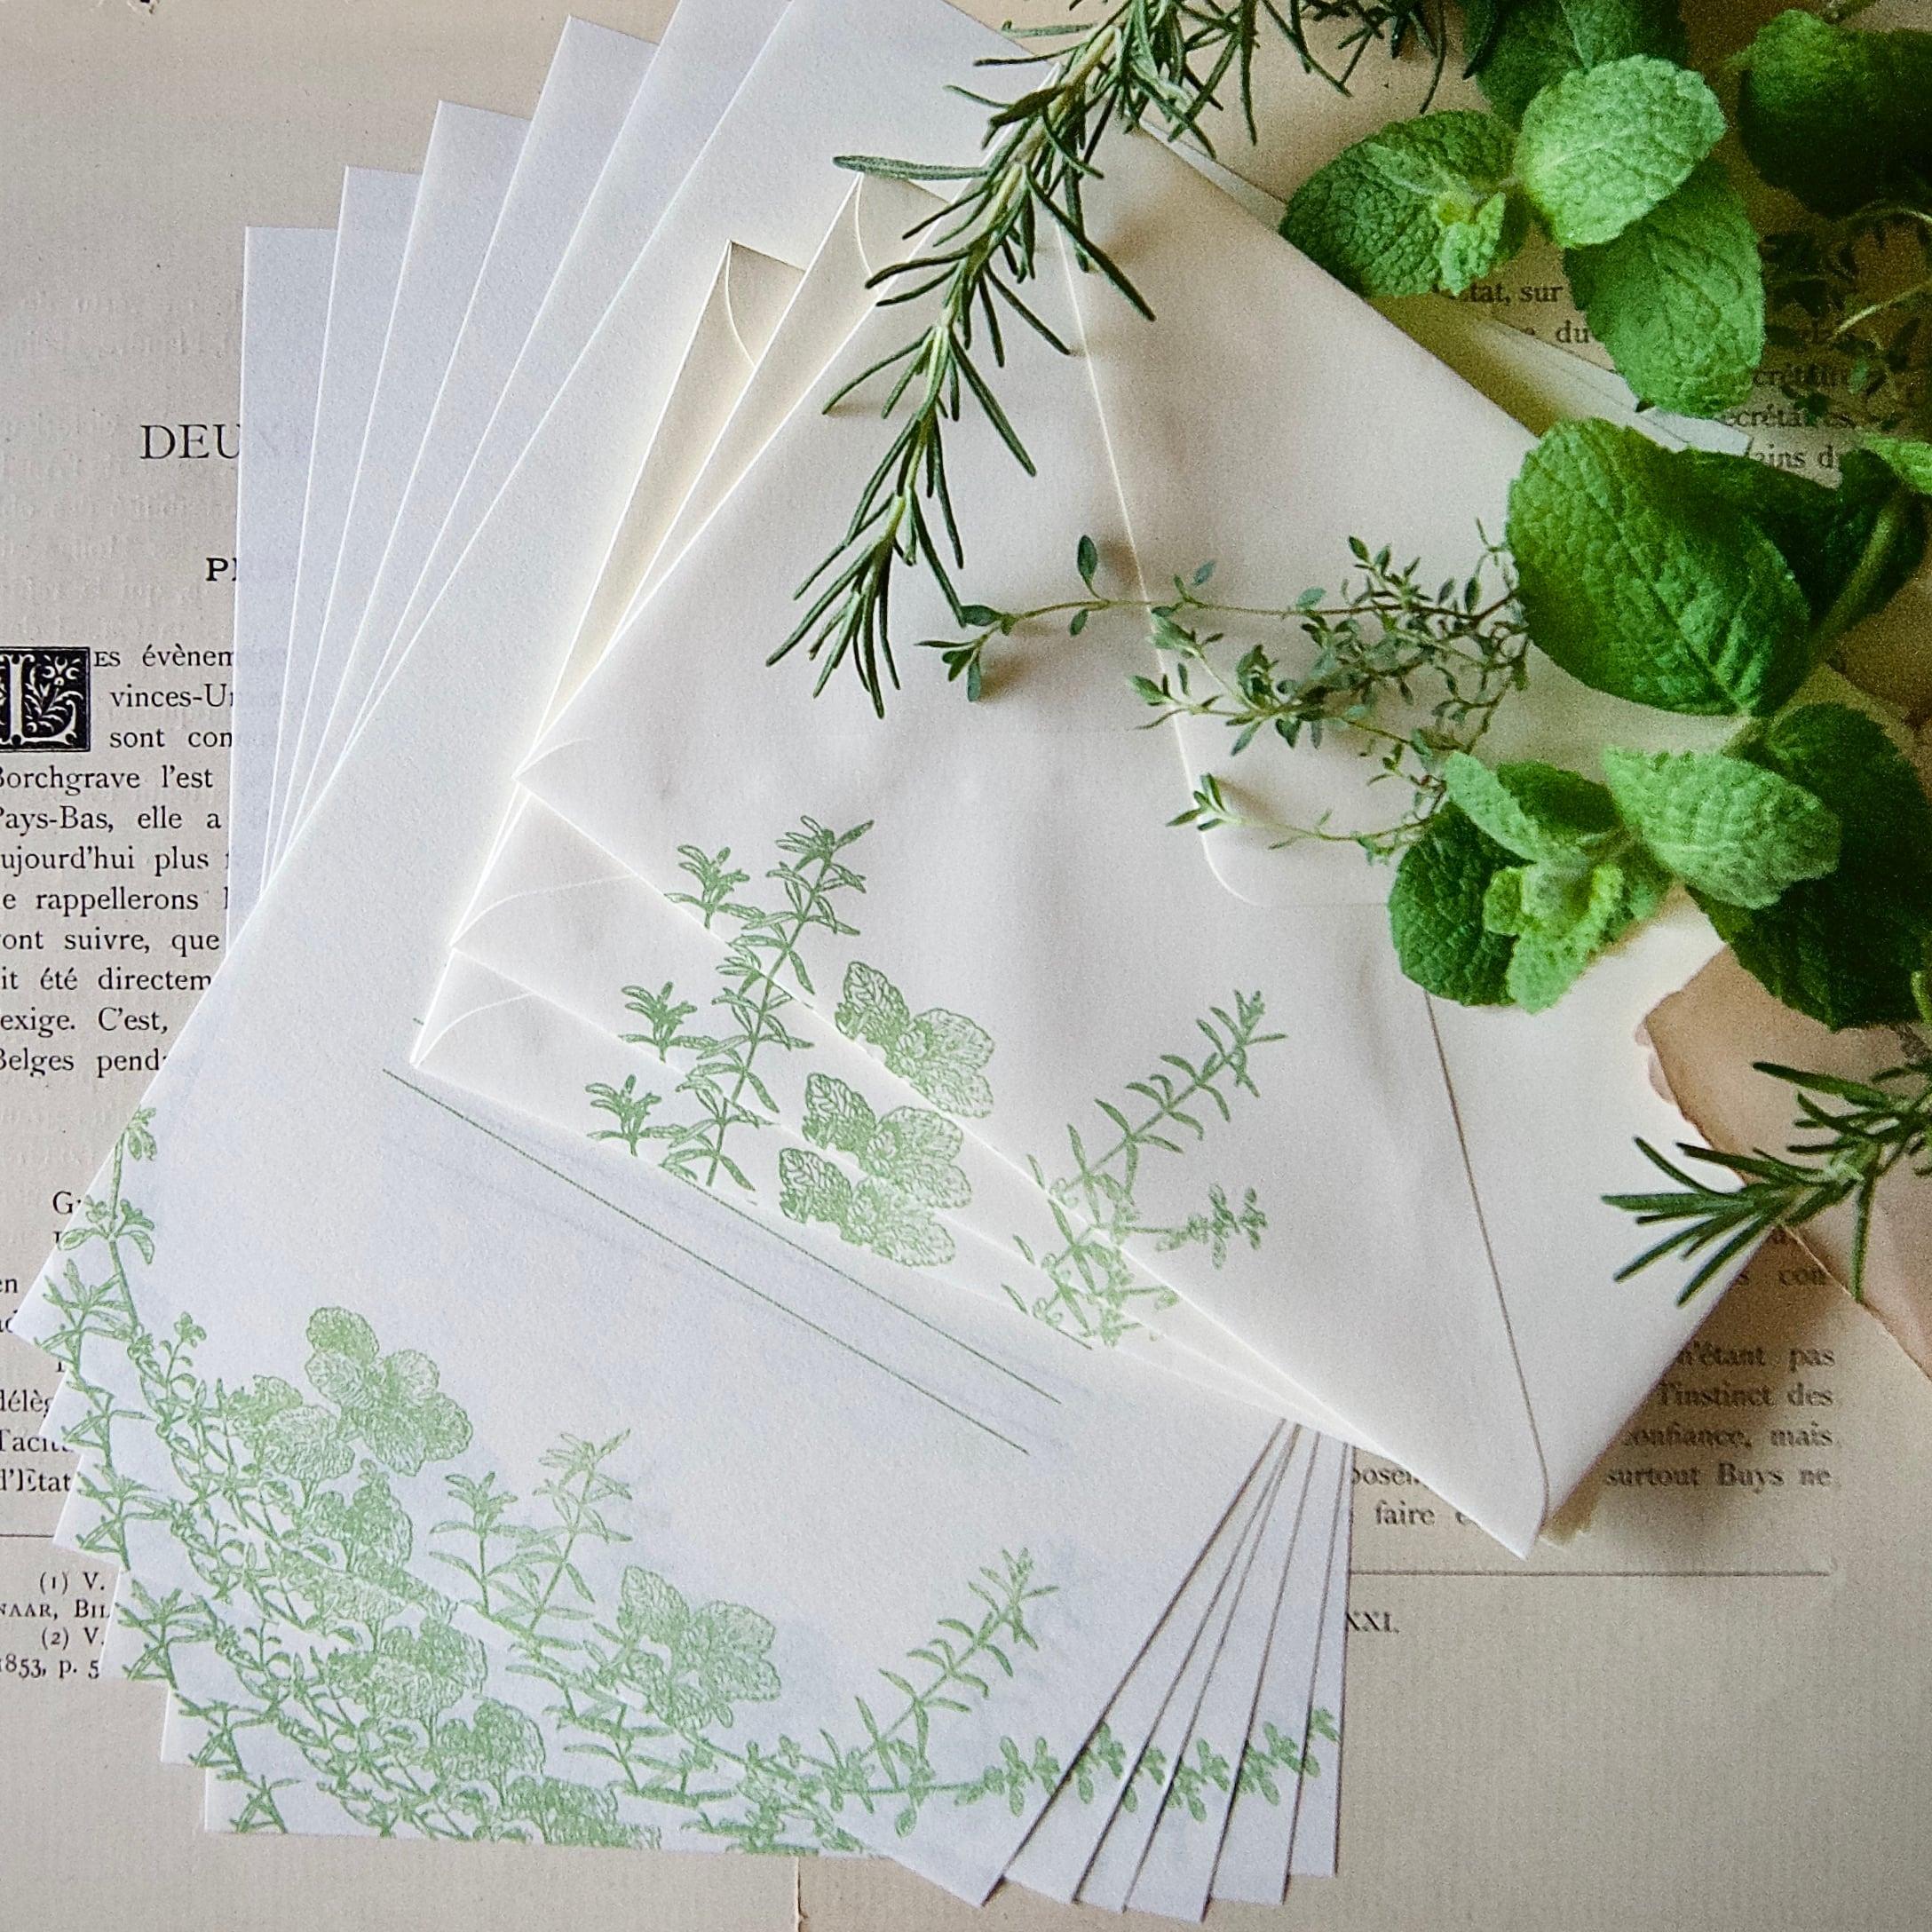 【レターセット】 ミント・ローズマリー・タイム  / 便せん6枚+封筒3枚 /活版印刷